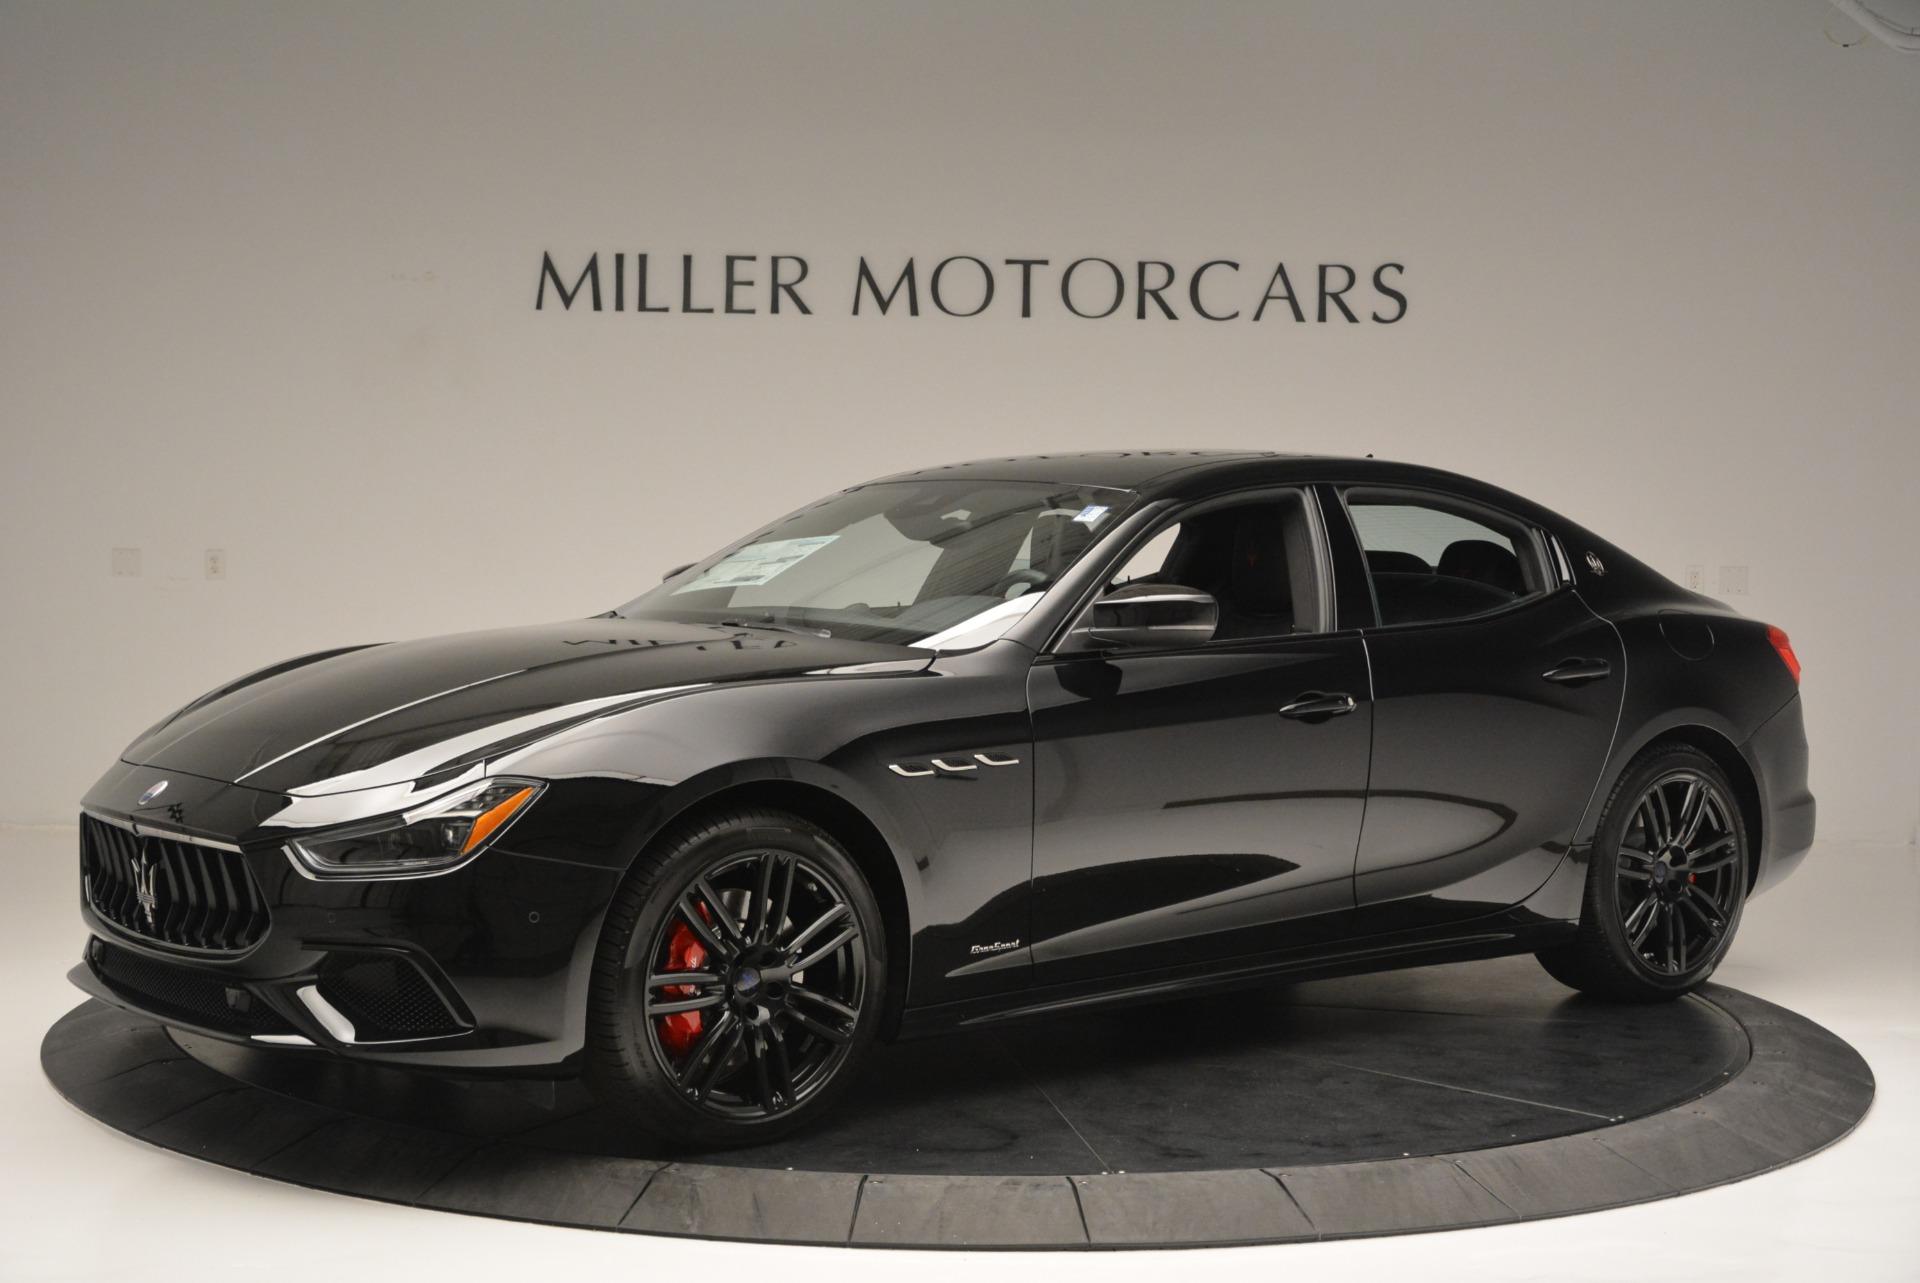 New 2018 Maserati Ghibli SQ4 GranSport Nerissimo For Sale In Greenwich, CT 2372_p2